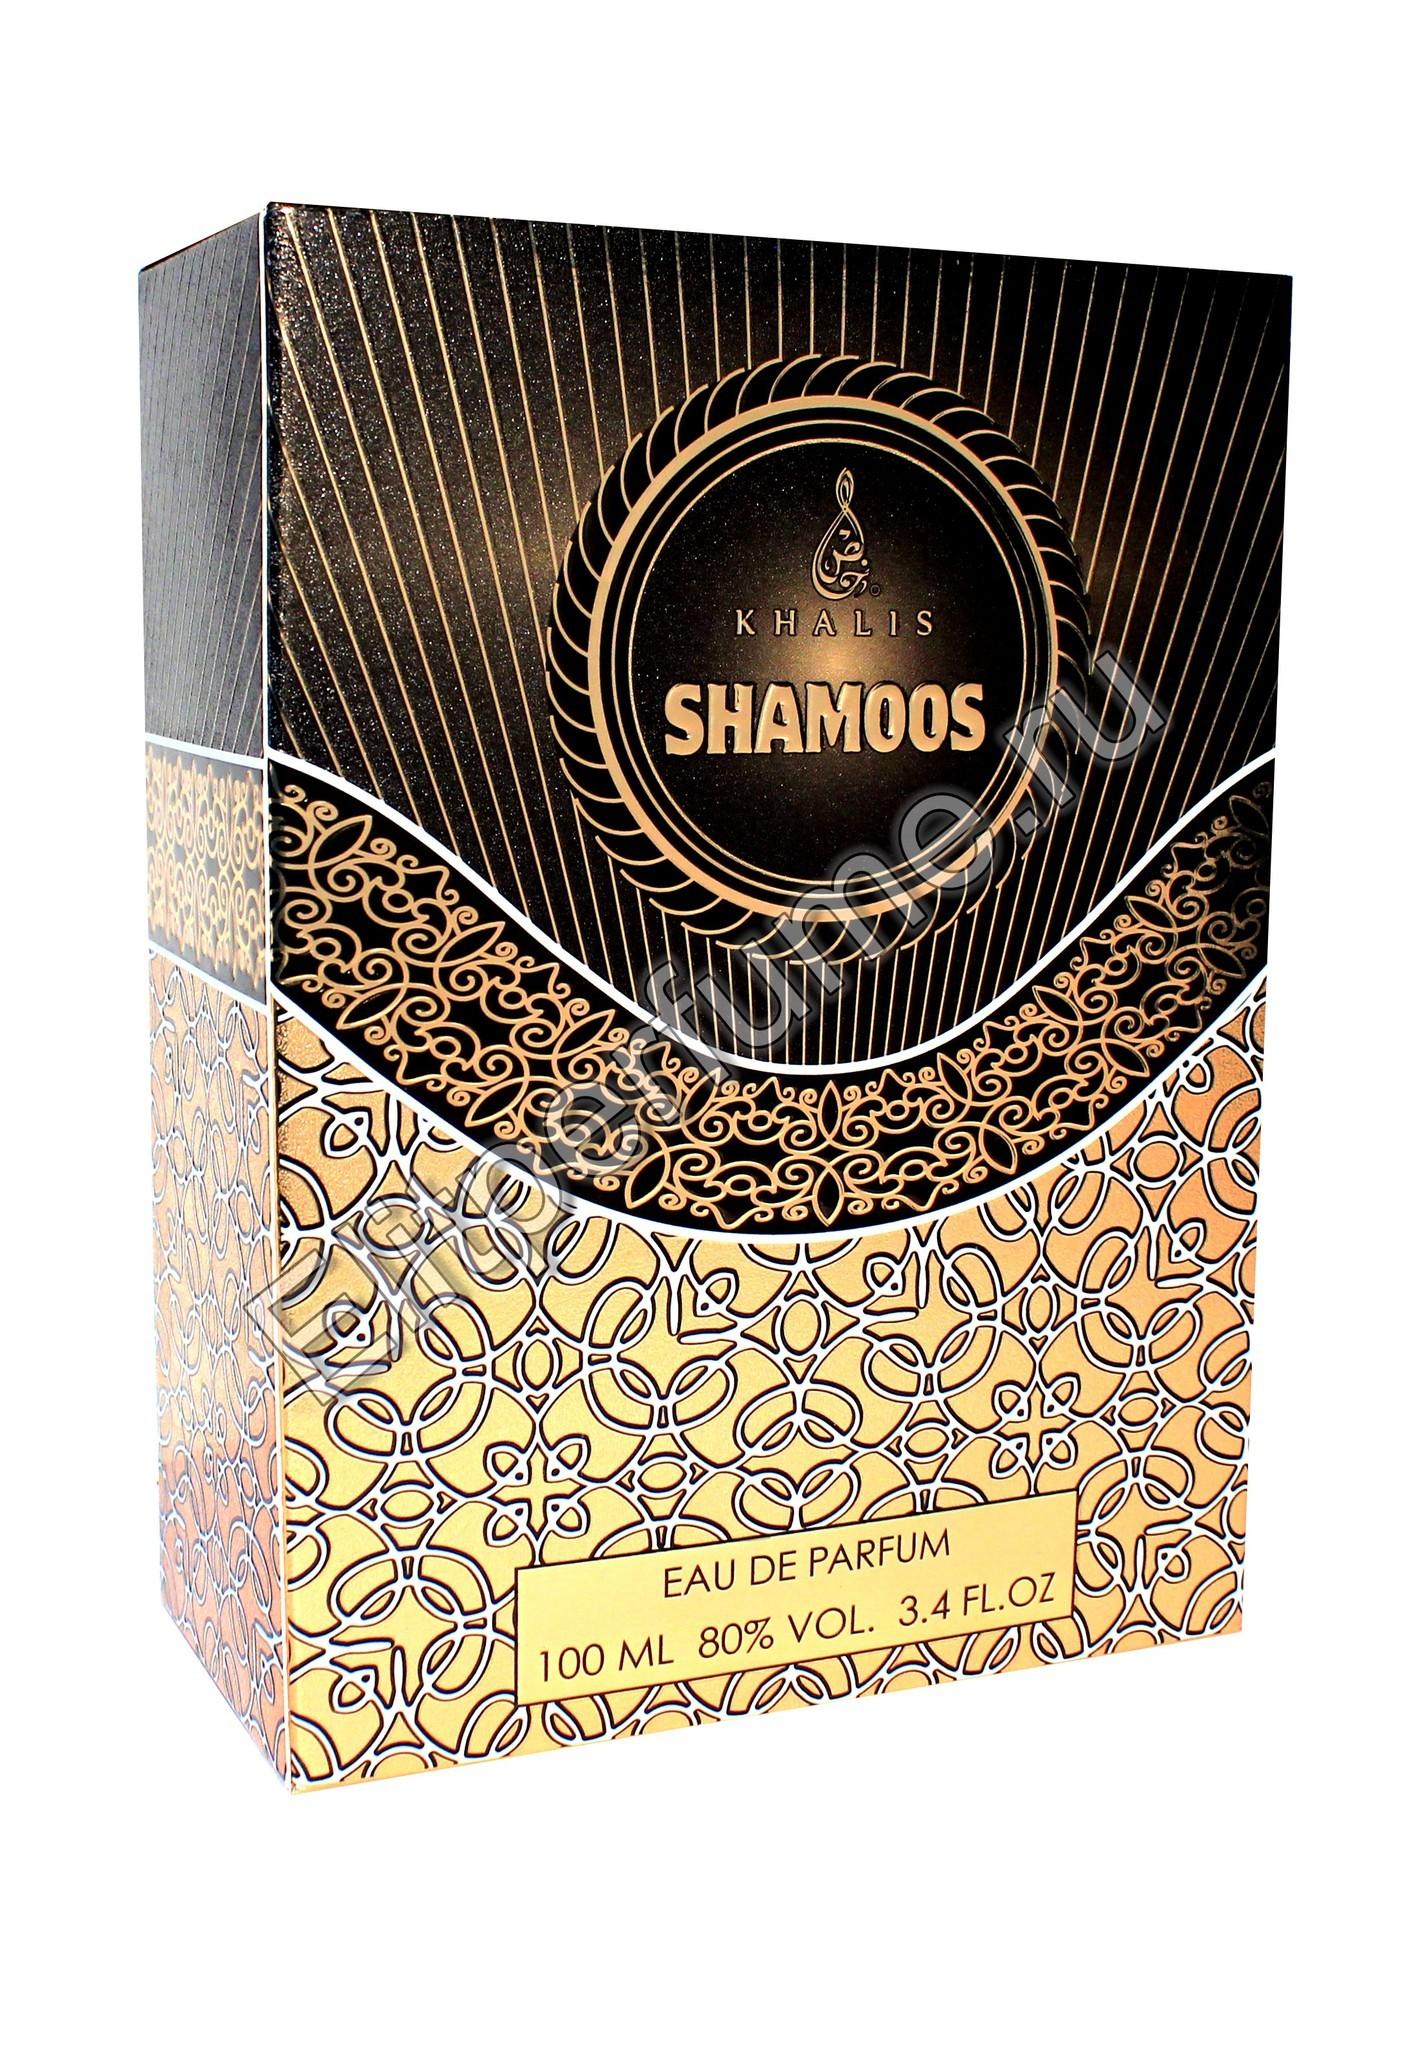 Пробник для Shamoos / Шамус 1 мл спрей арабские масляные духи от Халис Khalis Perfumes